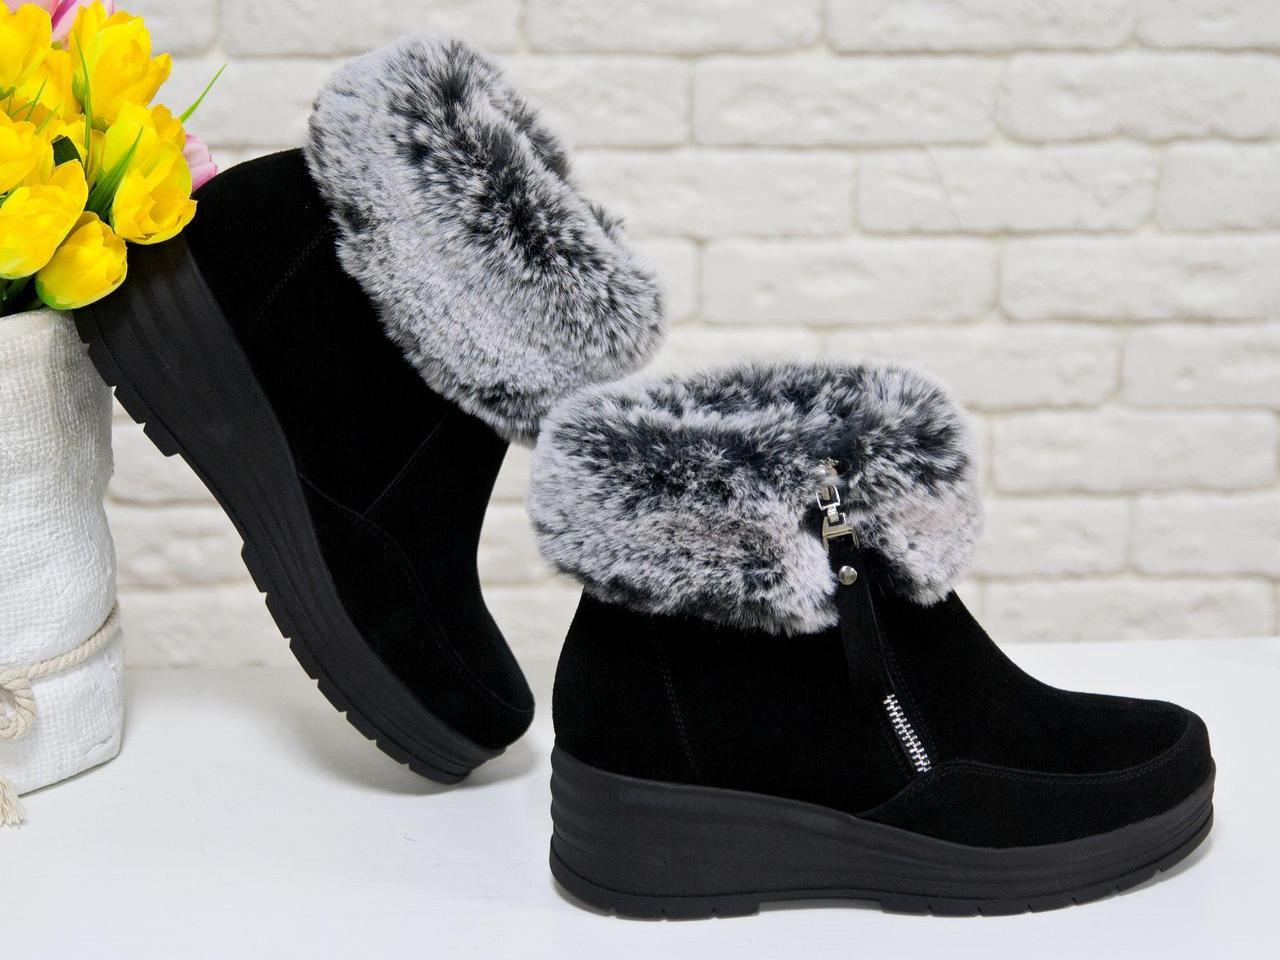 Классические женские ботинки из натуральной замши черного цвета с меховой опушкой, на удобной не высокой танкетке, Коллекция Осень-Зима 2017-2018,